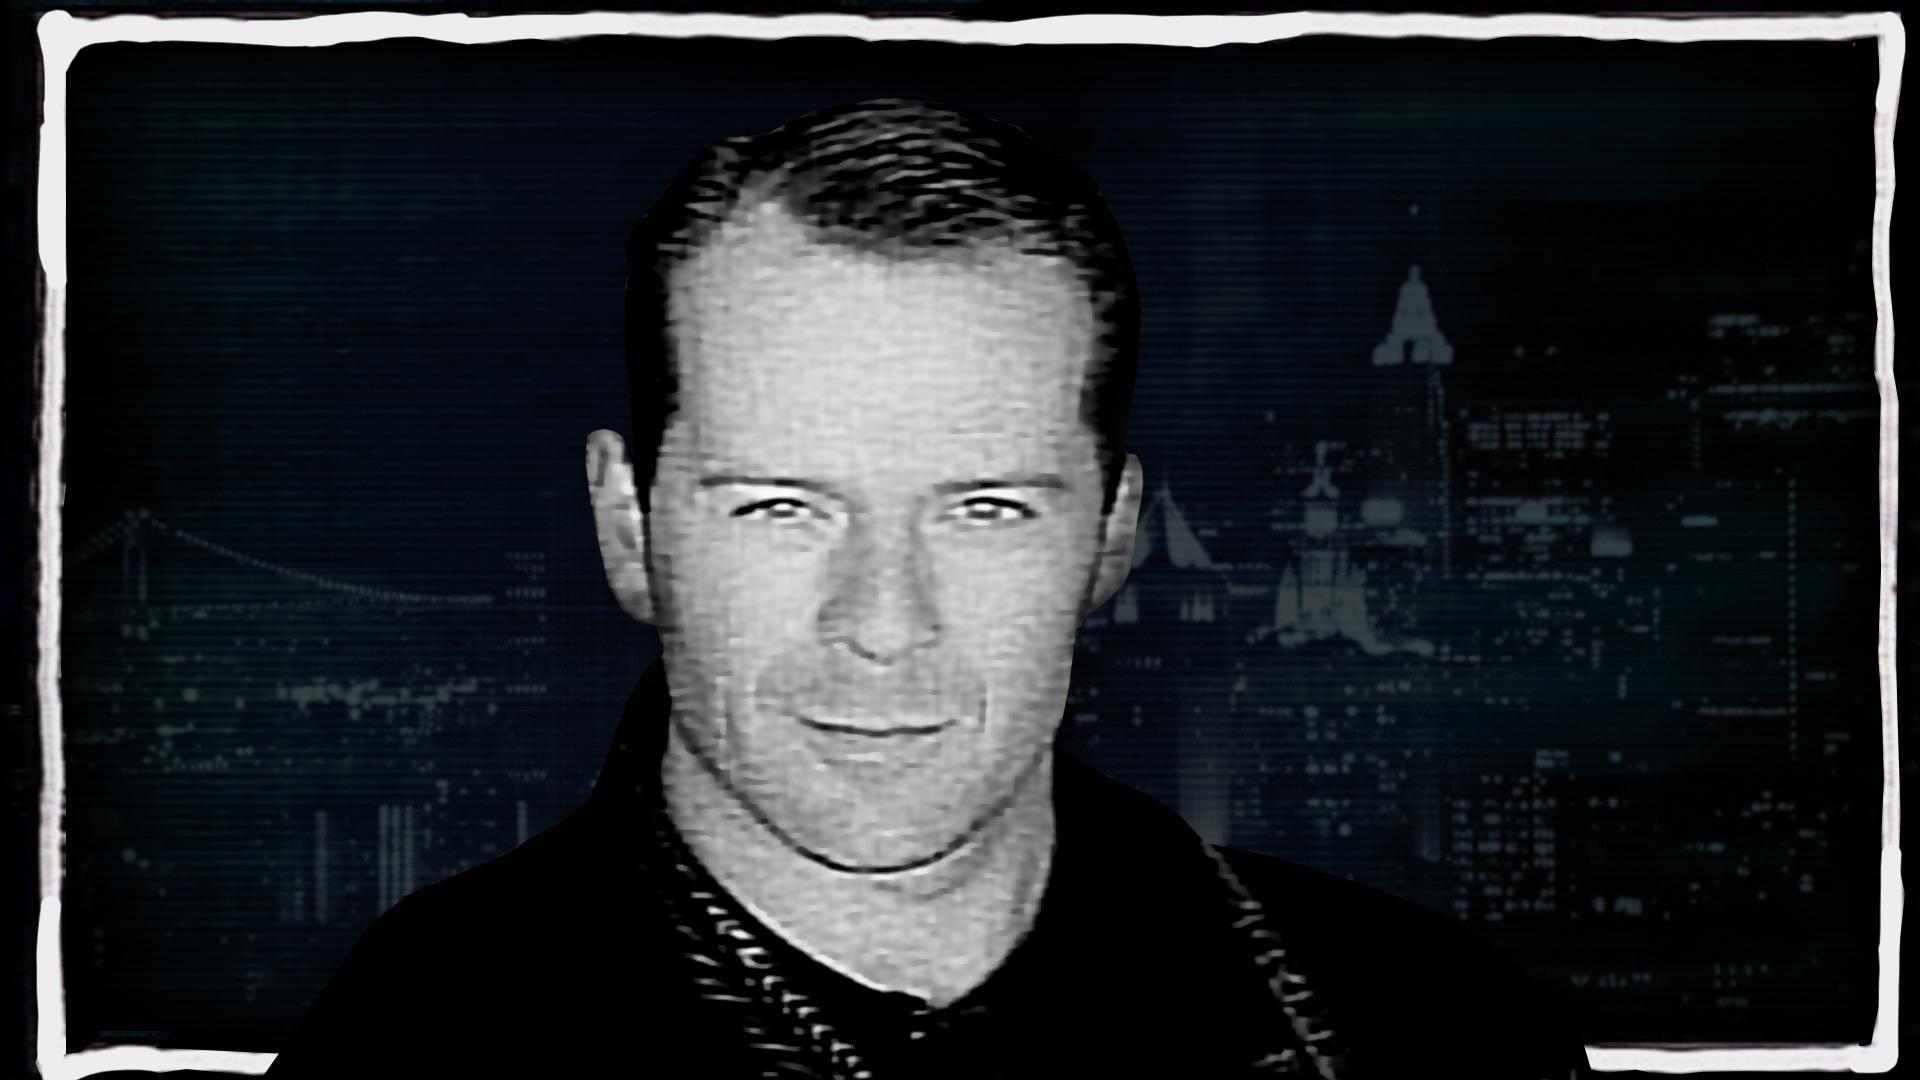 Bruce Willis: September 30, 1989